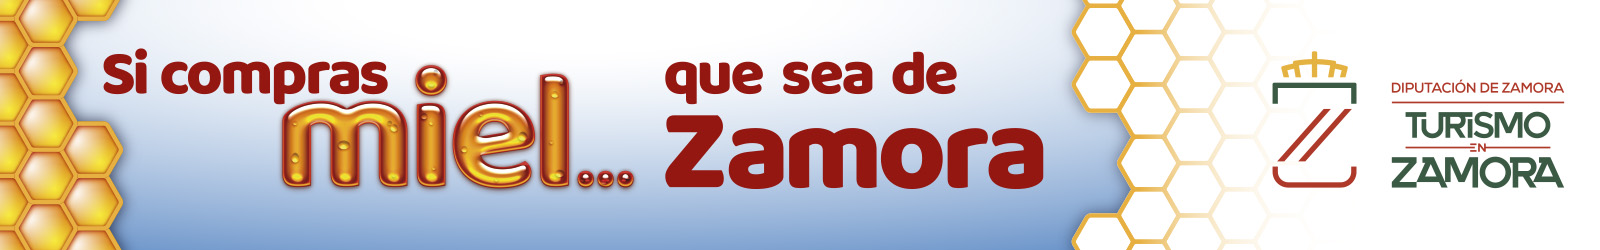 Miel de Zamora